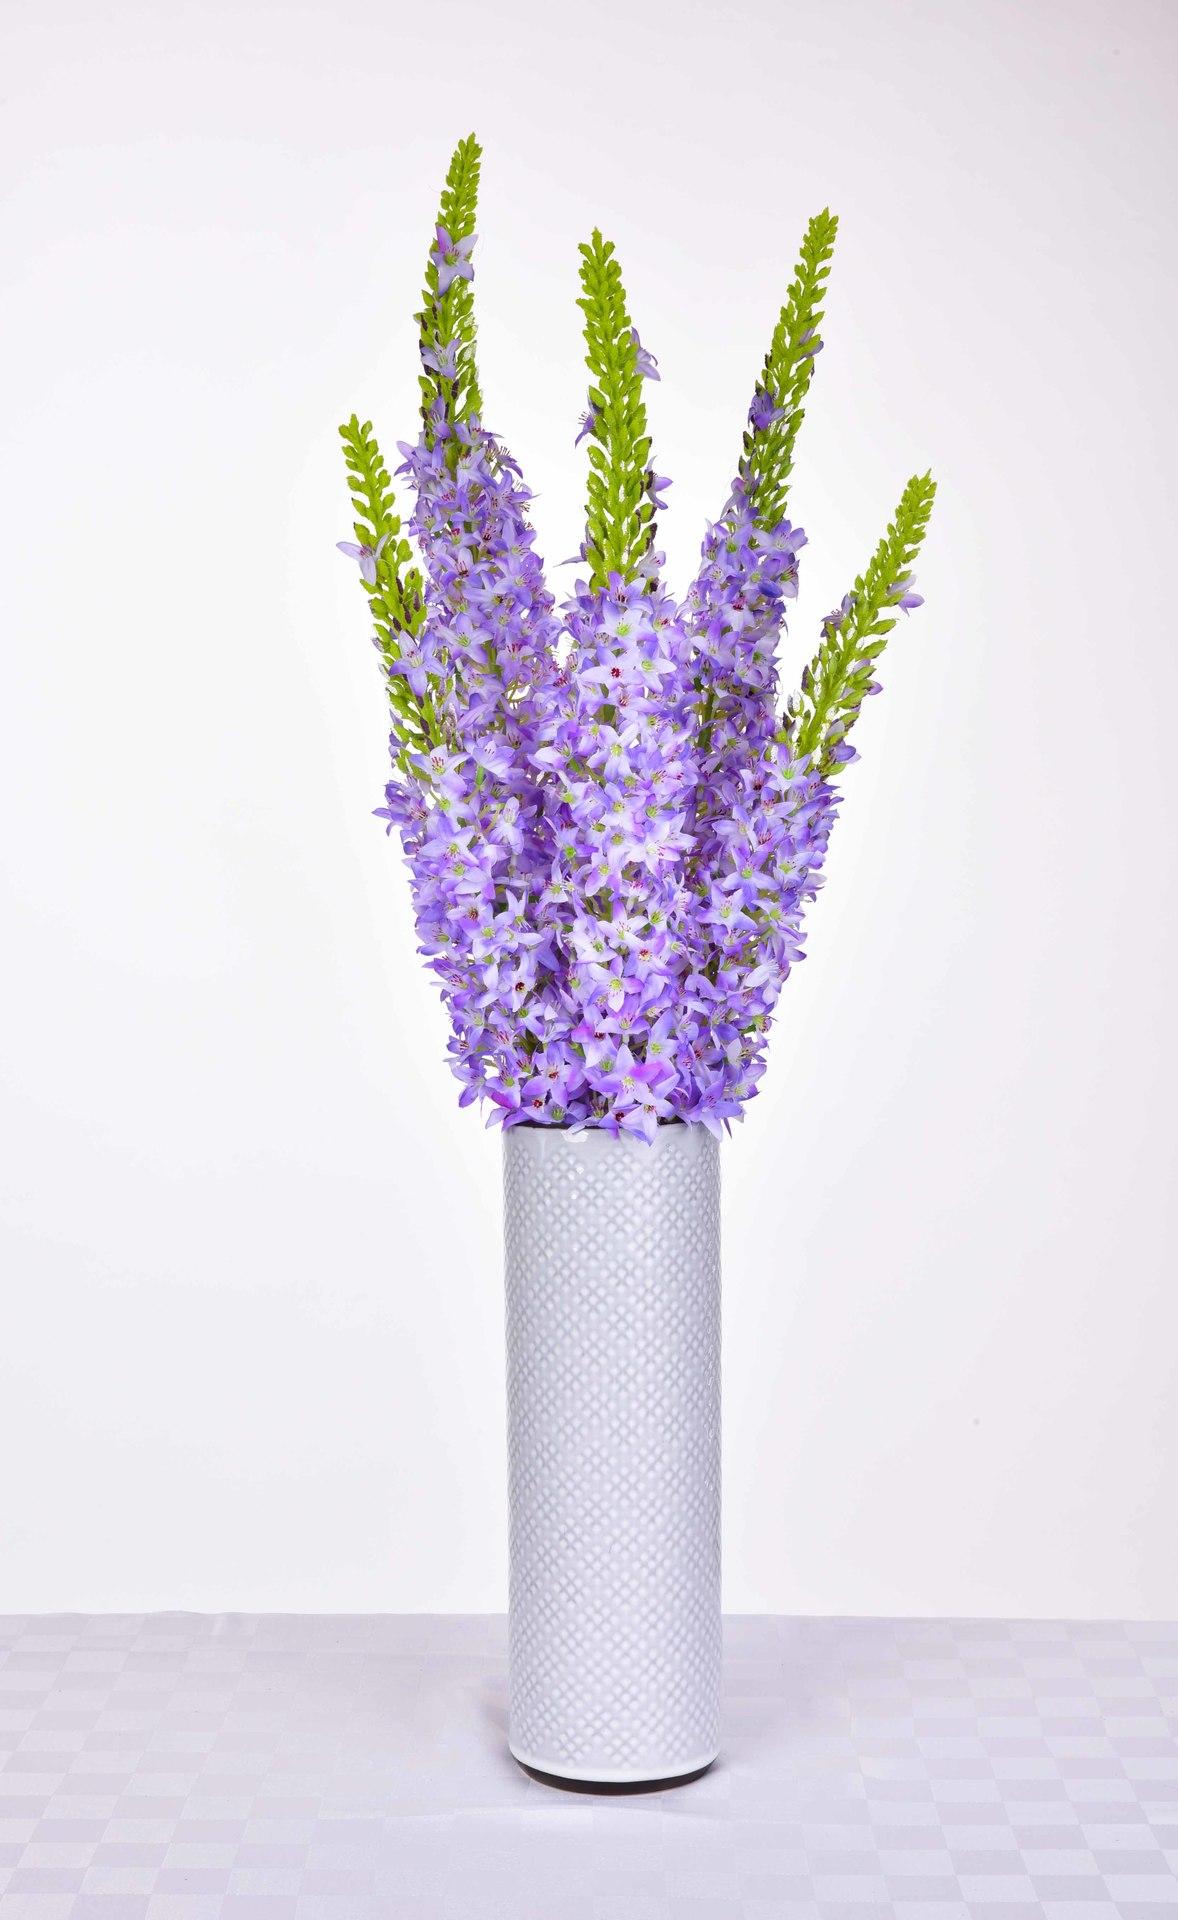 VERONICA modro-fialová, výška cca 130 cm